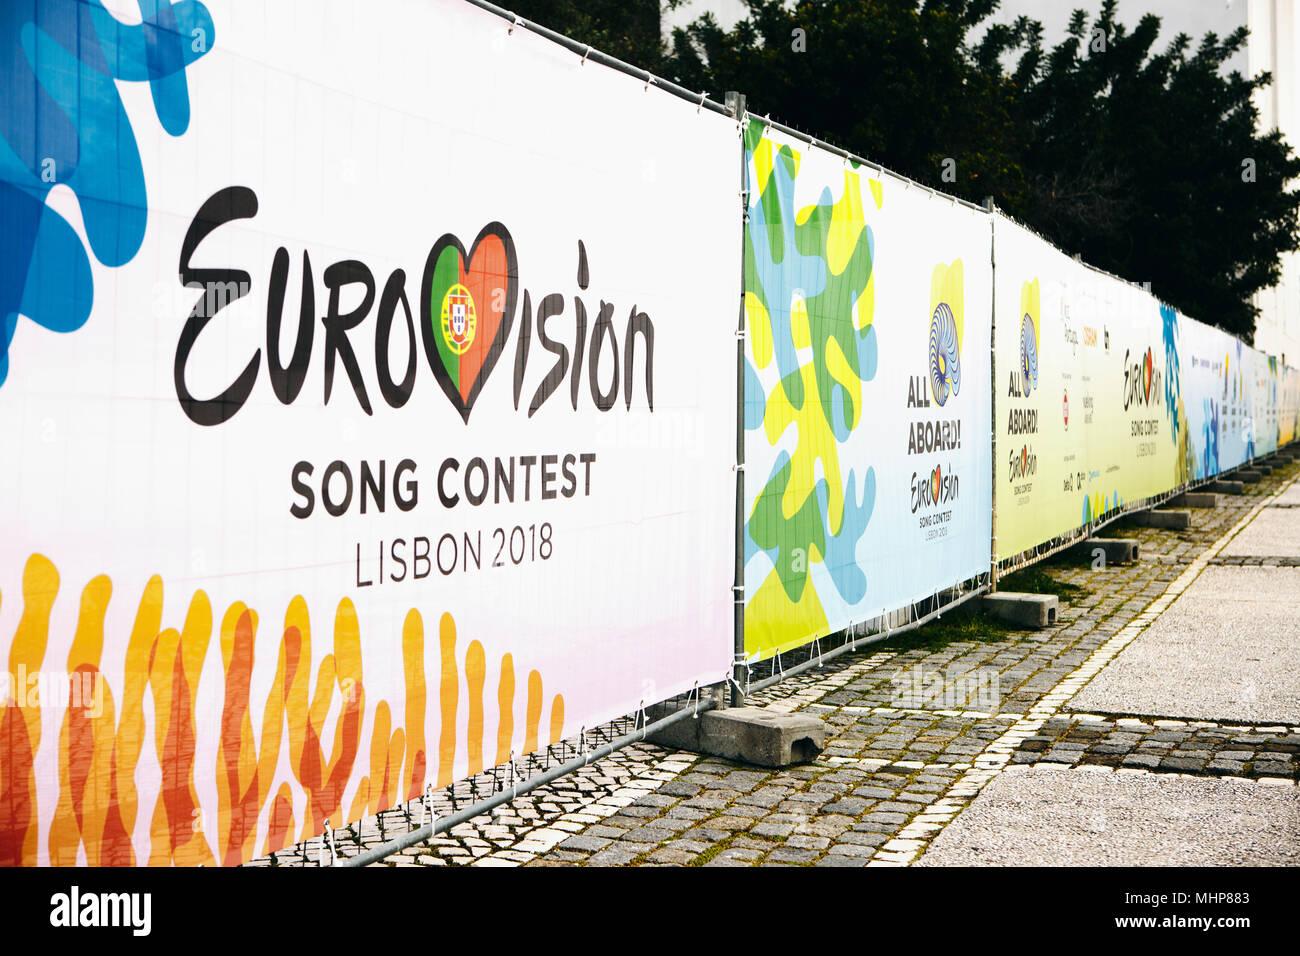 Eurovision Song Contest Stock Photos & Eurovision Song